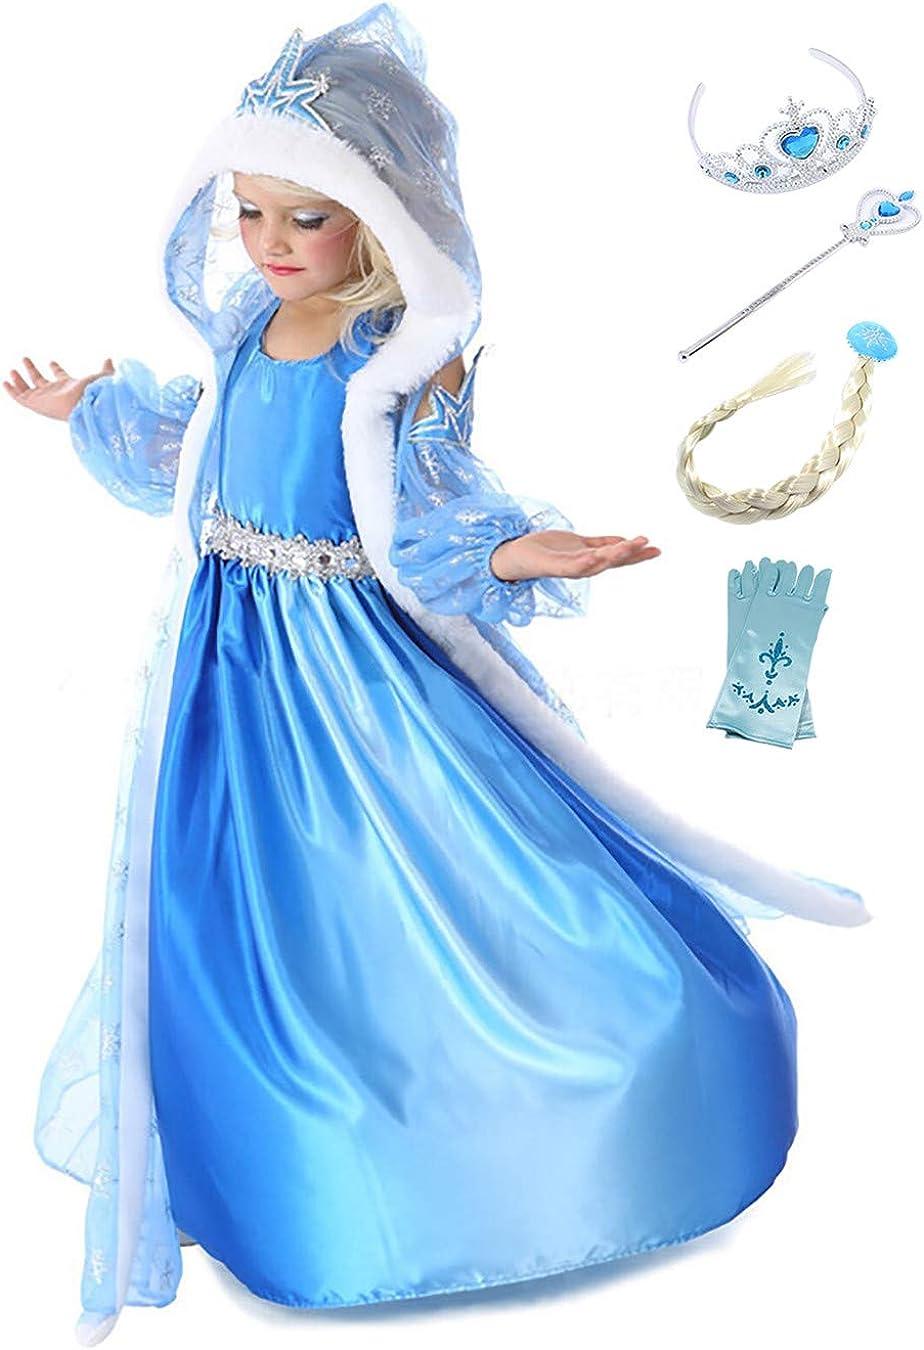 YOSICIL Disfraz de Princesa Frozen Elsa con Capa Traje de Princesa ...